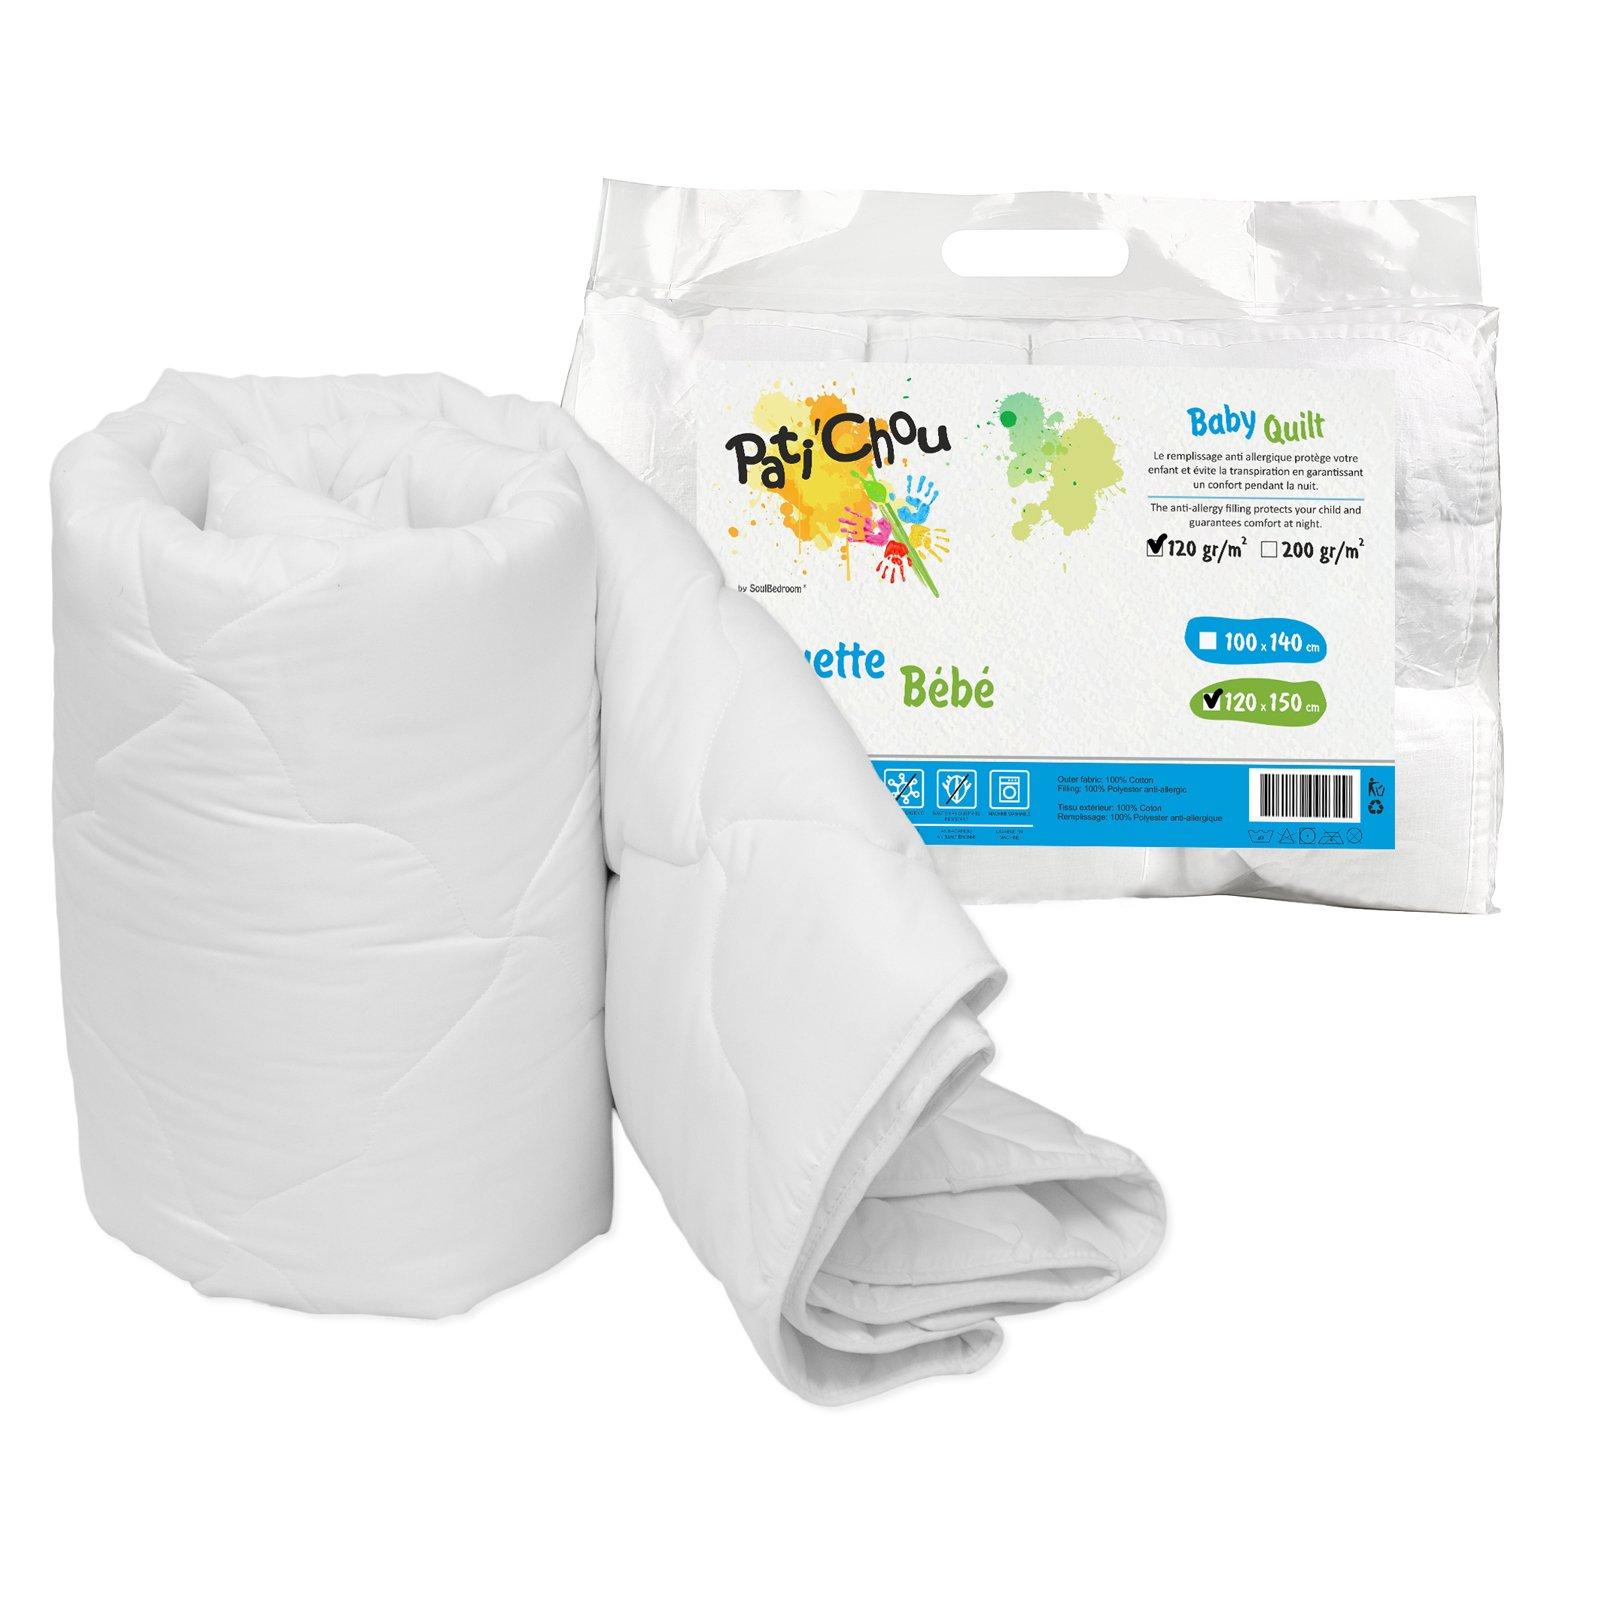 Pati'Chou 47''x 59'' Kids Baby Light Quilt Duvet (100% Cotton Cover, tog 2.5) 120x150 cm by Pati'Chou